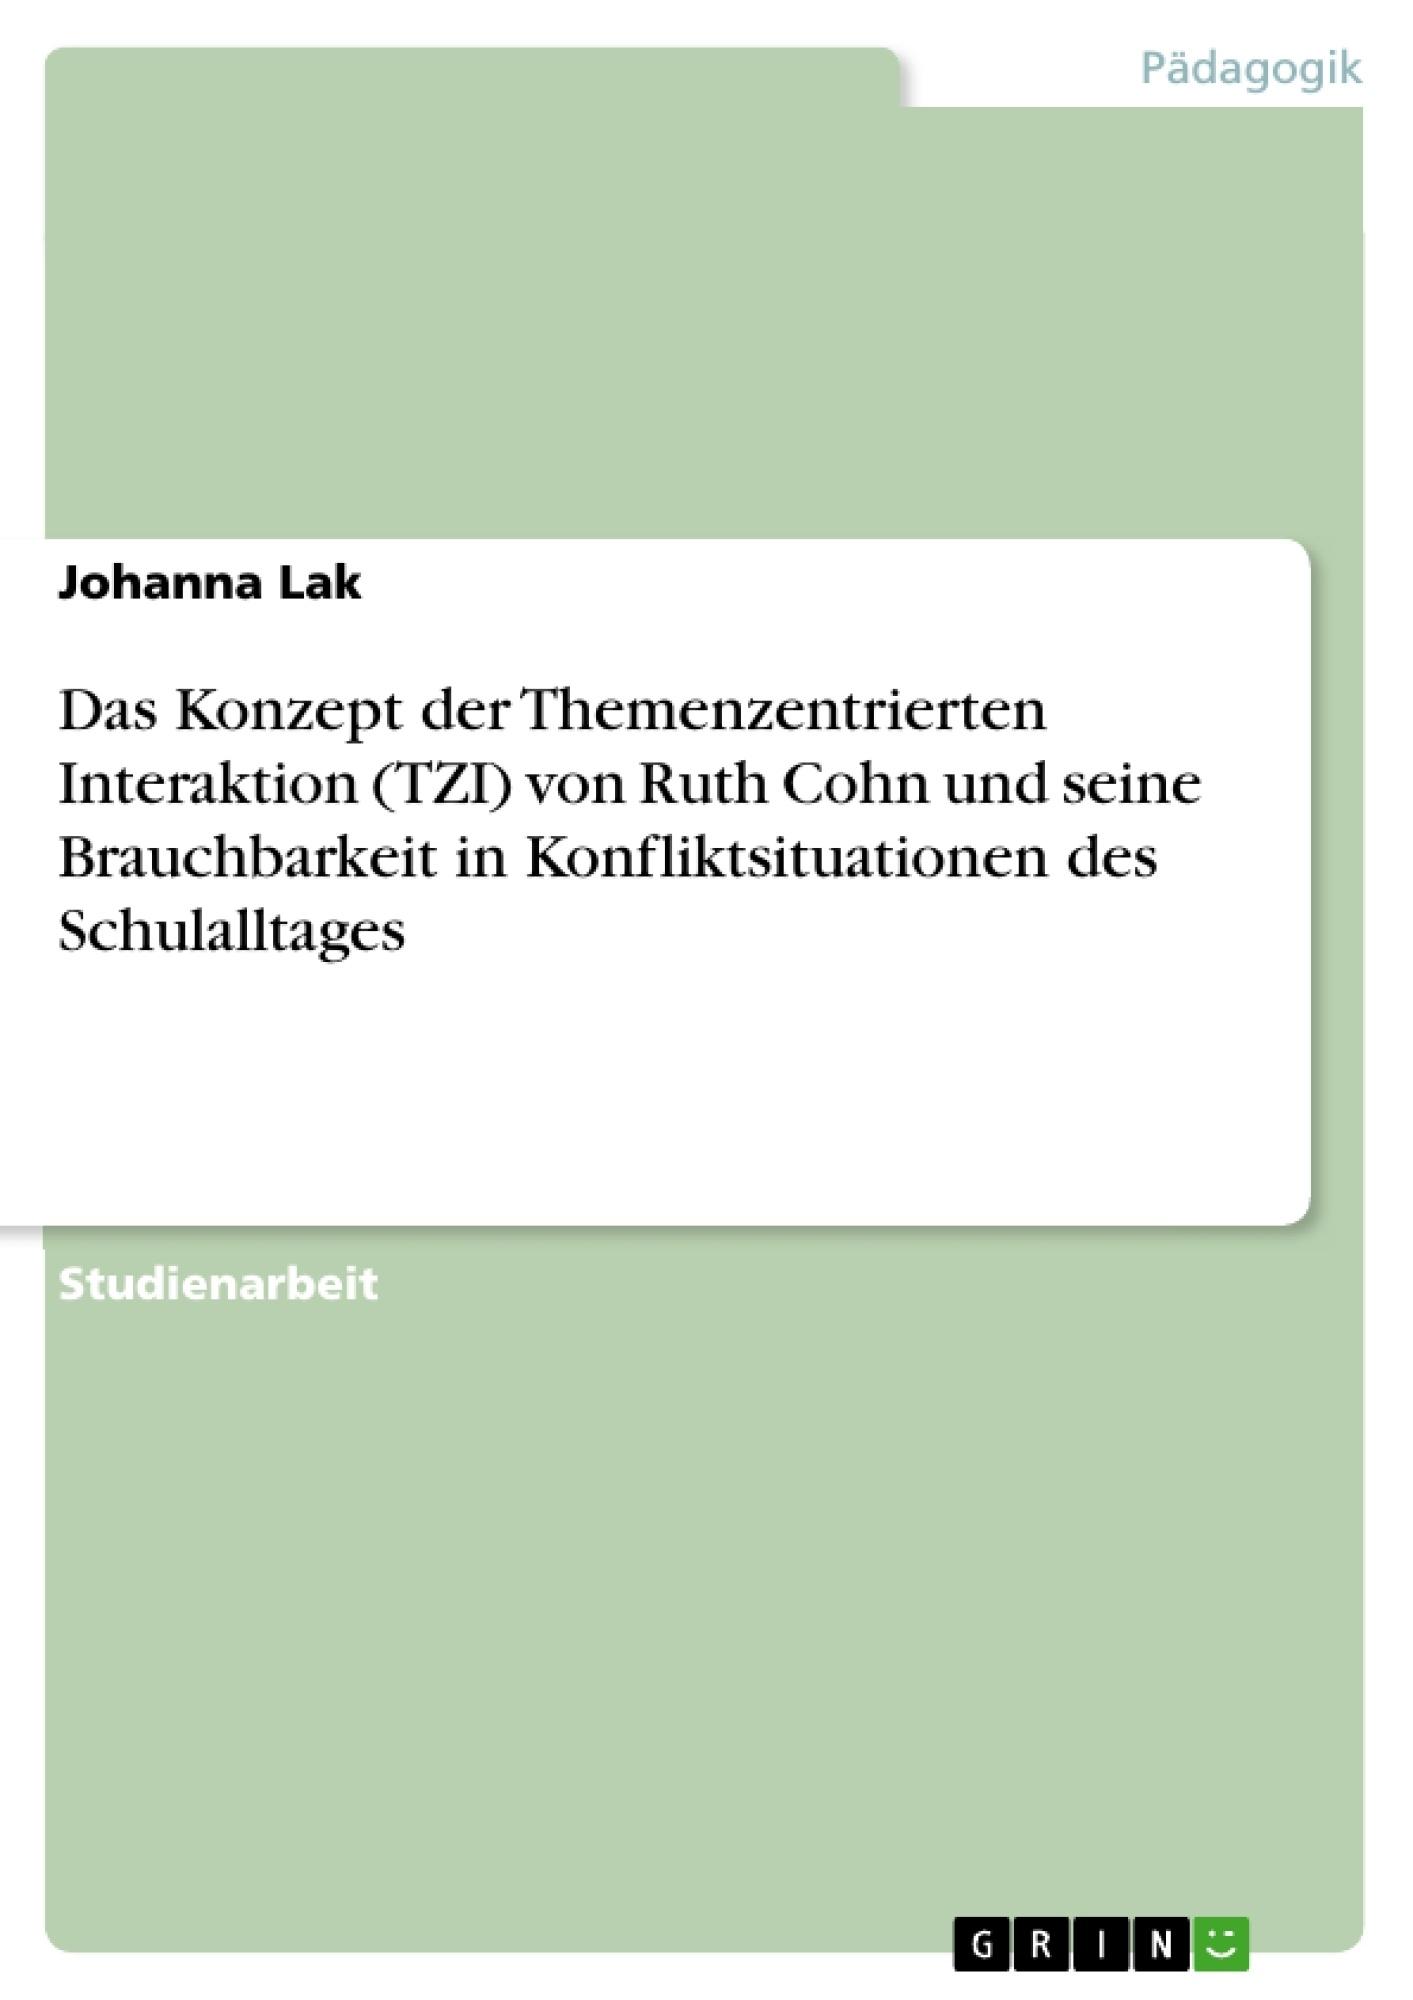 Titel: Das Konzept der Themenzentrierten Interaktion (TZI) von Ruth Cohn und seine Brauchbarkeit in Konfliktsituationen des Schulalltages